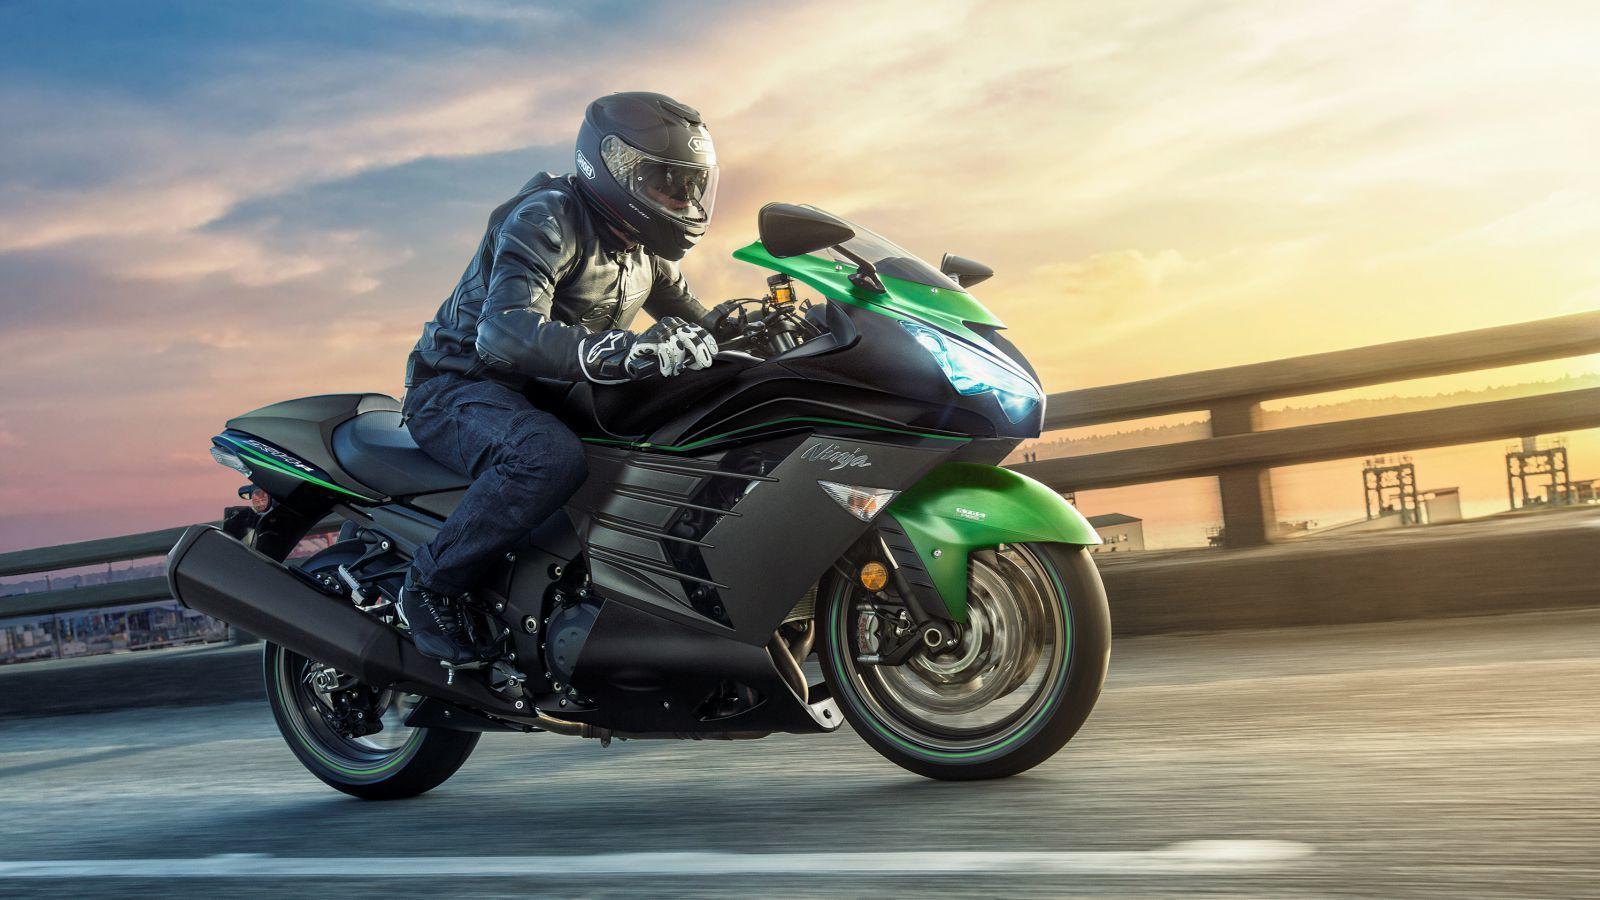 Sự ra đi của Kawasaki ZX-14R 2019 khiến nhiều người nghĩ rằng Kawasaki sẽ tung ra một mẫu xe khác thay thế